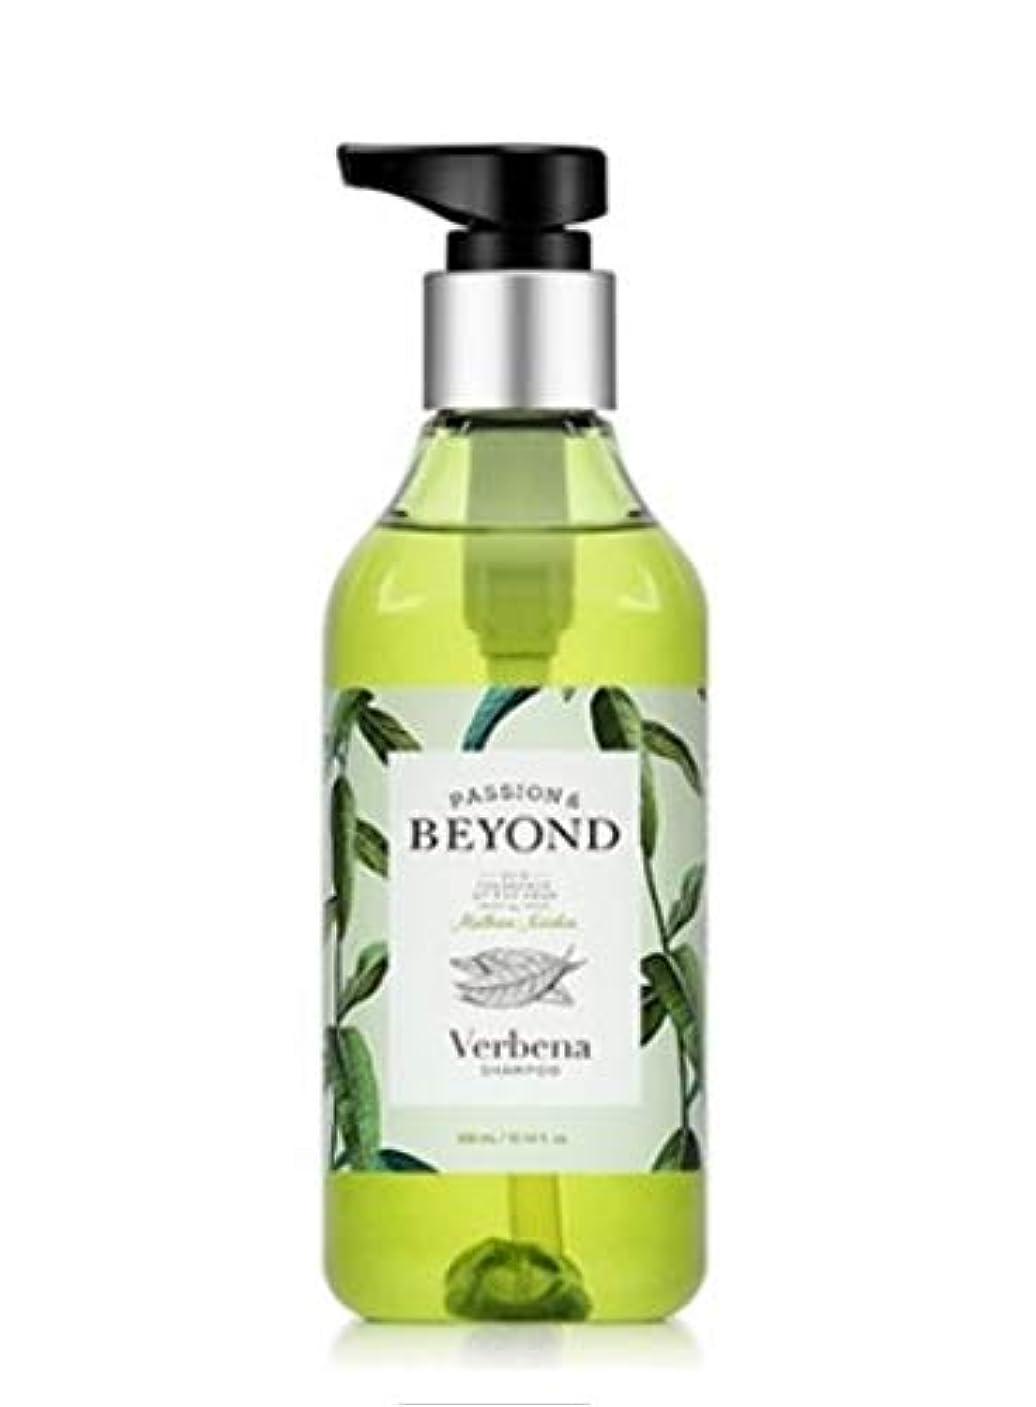 離れてつぶやき欺く[ビヨンド] BEYOND [バーベナ シャンプー 300ml] Verbena Shampoo 300ml [海外直送品]